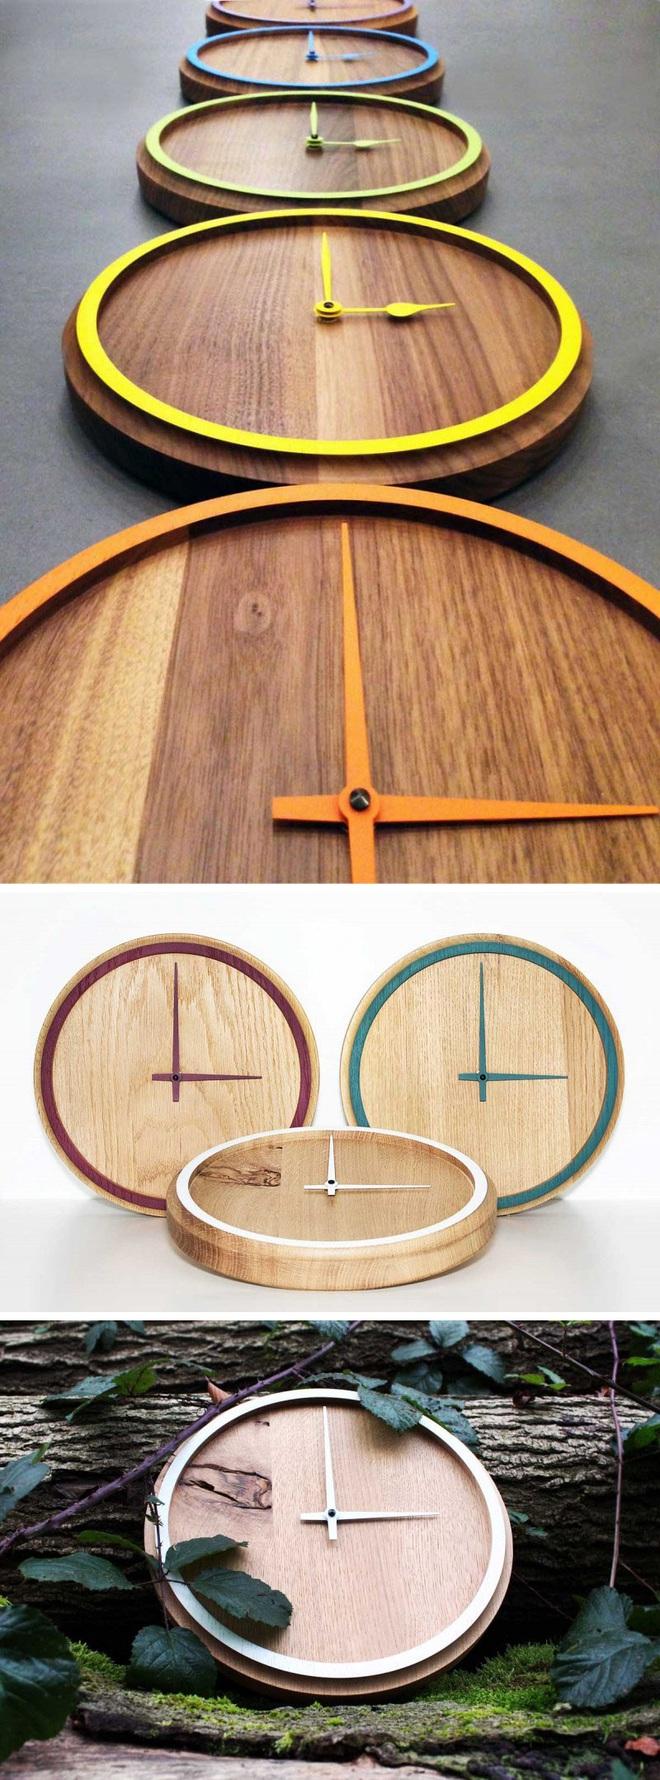 14 mẫu đồng hồ đẹp hết ý dùng để trang trí nội thất - ảnh 13